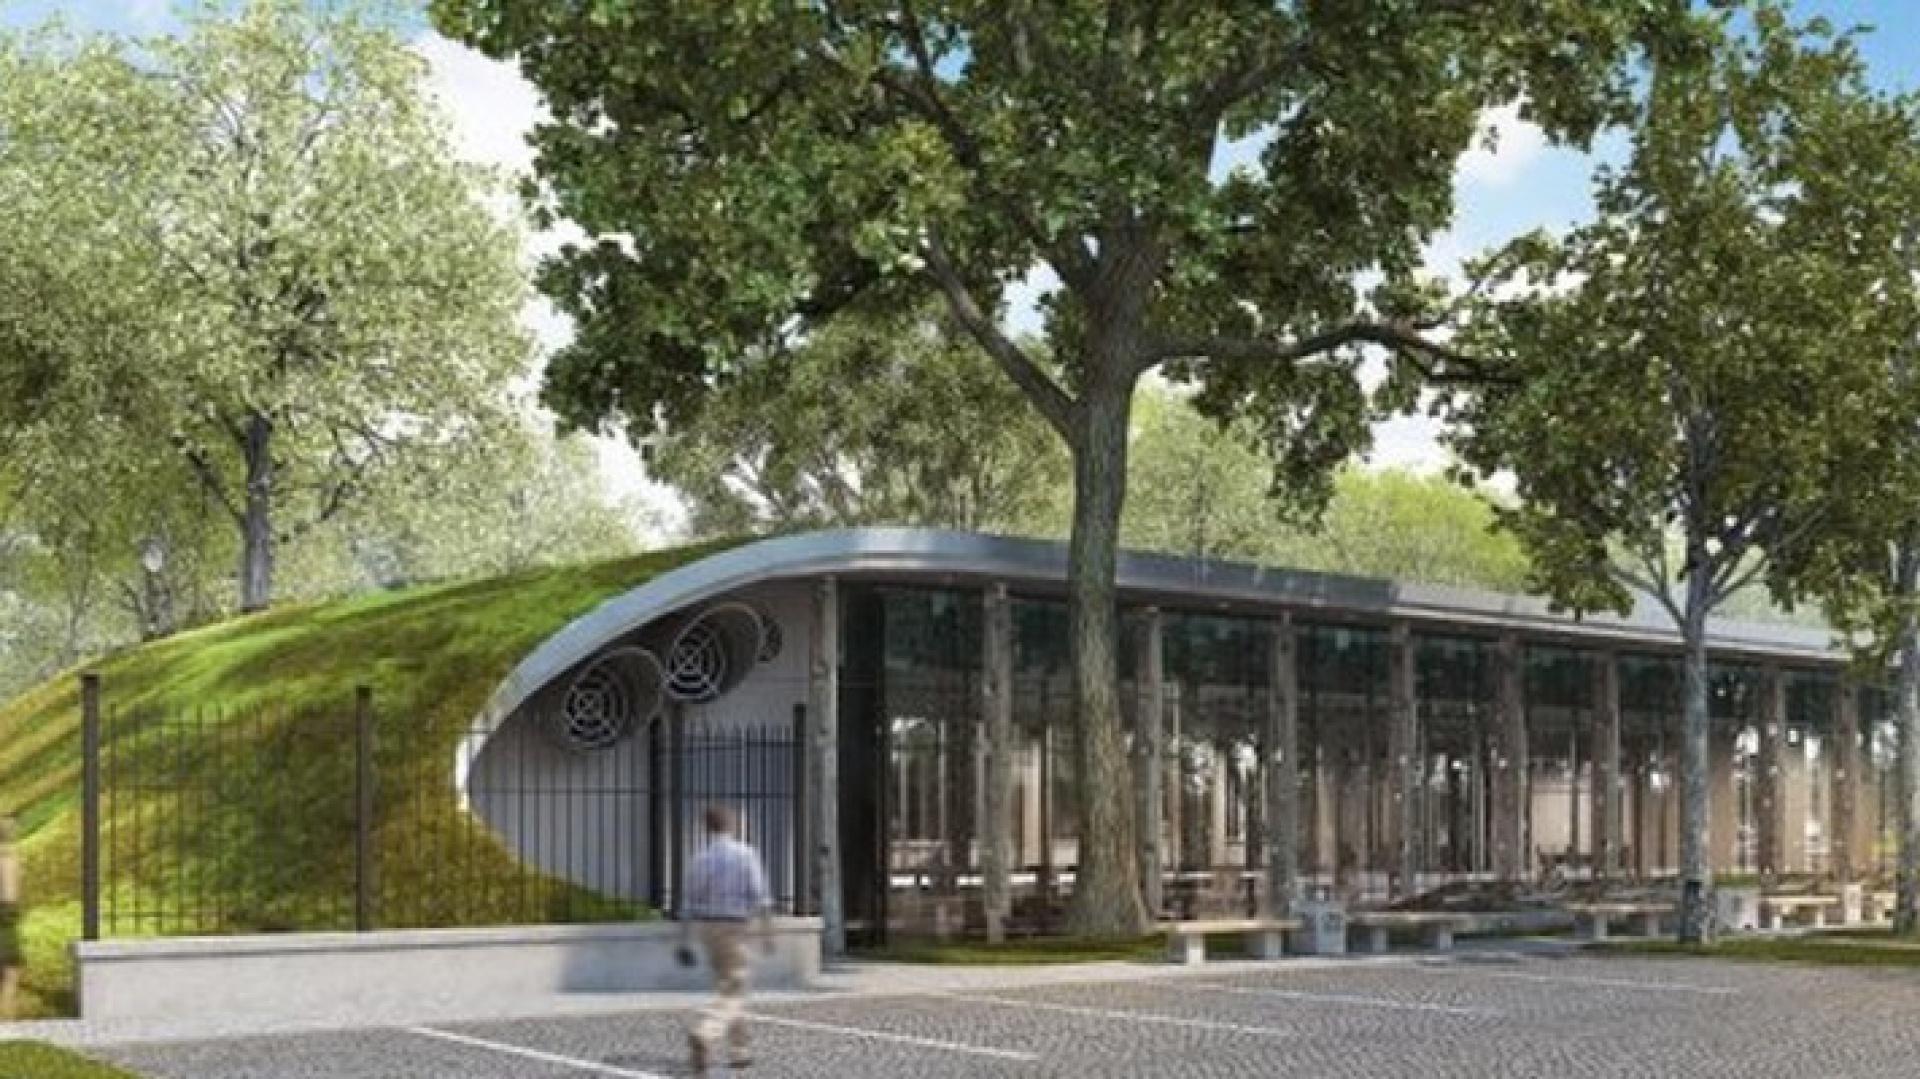 Materiały takie jak beton i szkło oraz wpadające do wnętrza światło pozwolą stworzyć unikatowy charakter nowej siedziby DESA Unicum i podkreślą lekkość konstrukcji. Fot. Materiały prasowe